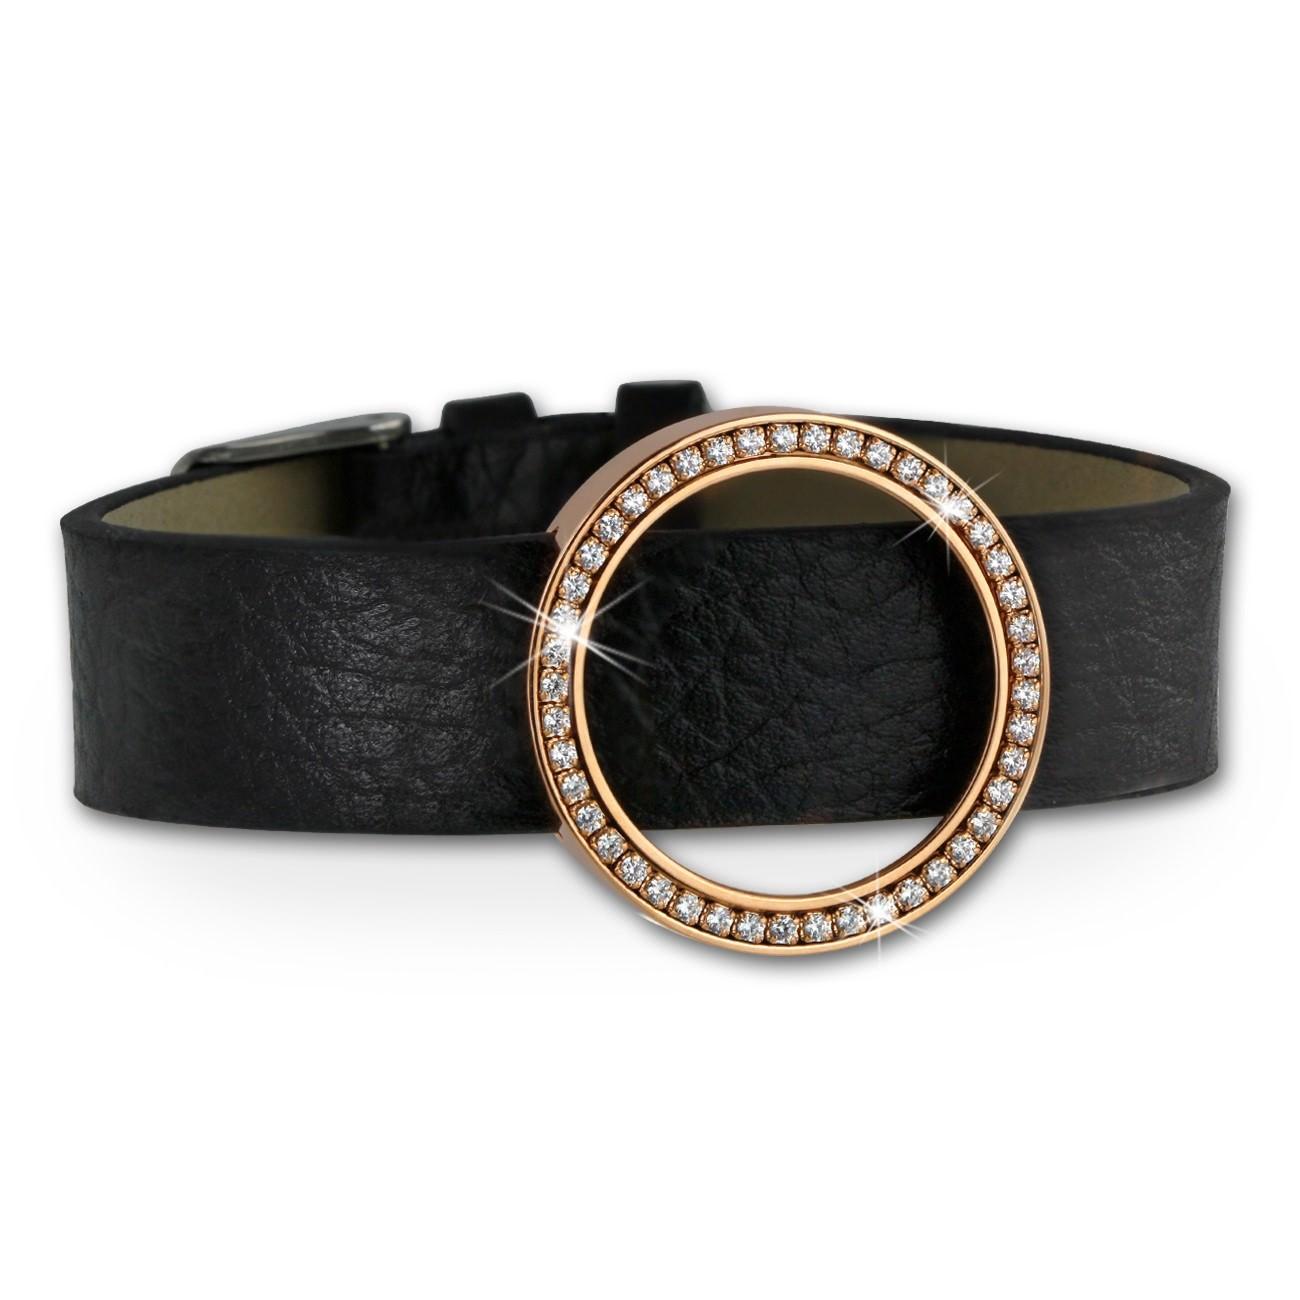 Amello Leder Armband mit Coin Fassung 25mm rose Zirkonia Schmuck ESCA05E